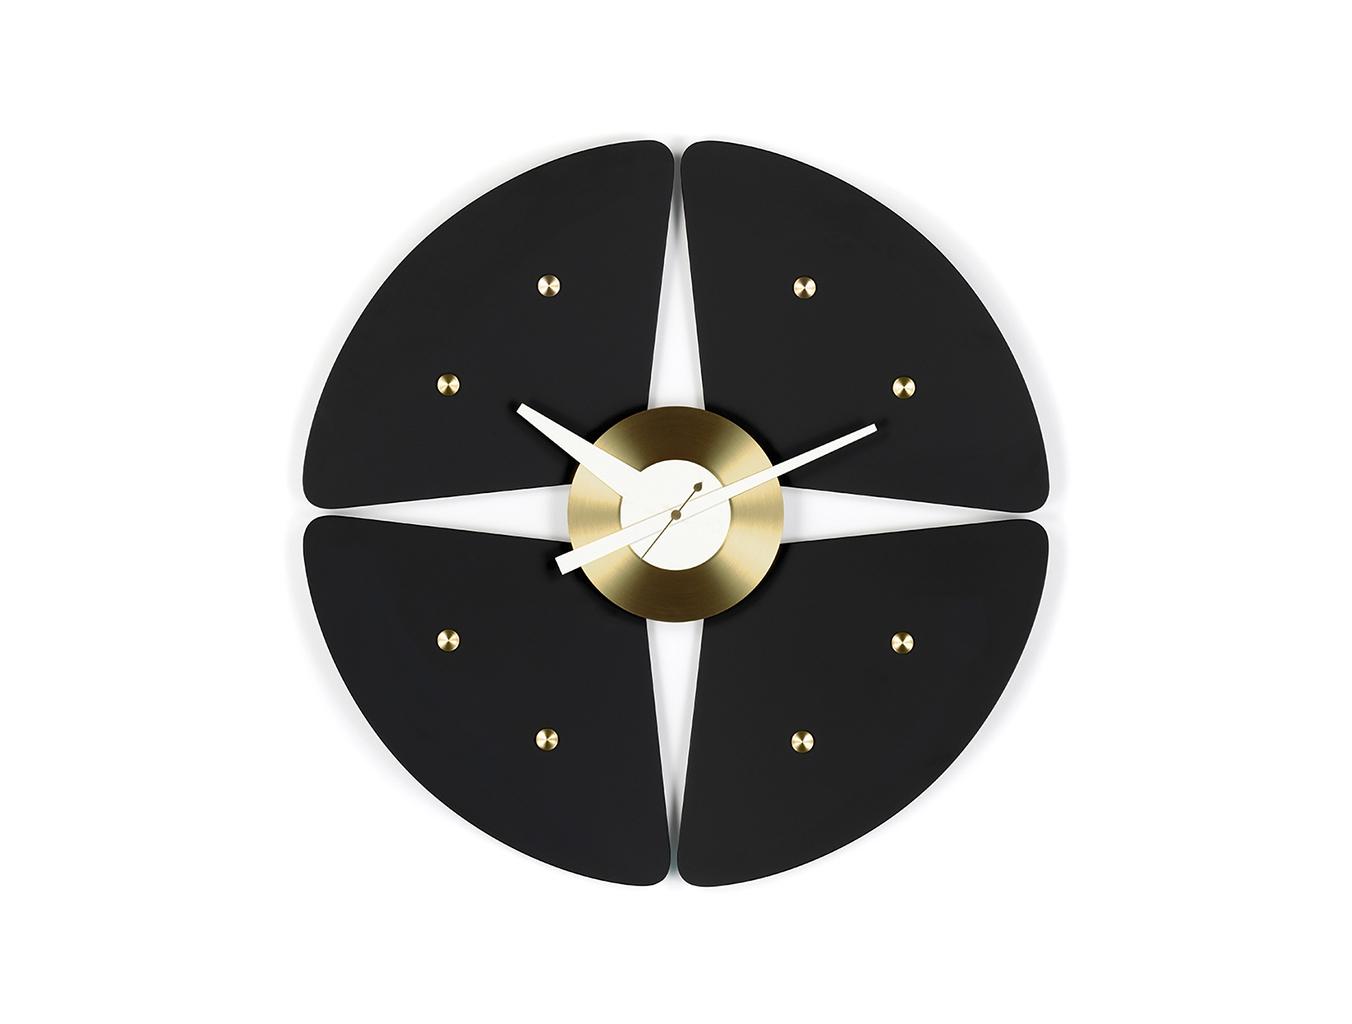 附件 钟表 创意家具 现代家居 时尚家具 设计师家具 定制家具 实木家具 挂钟-花瓣钟